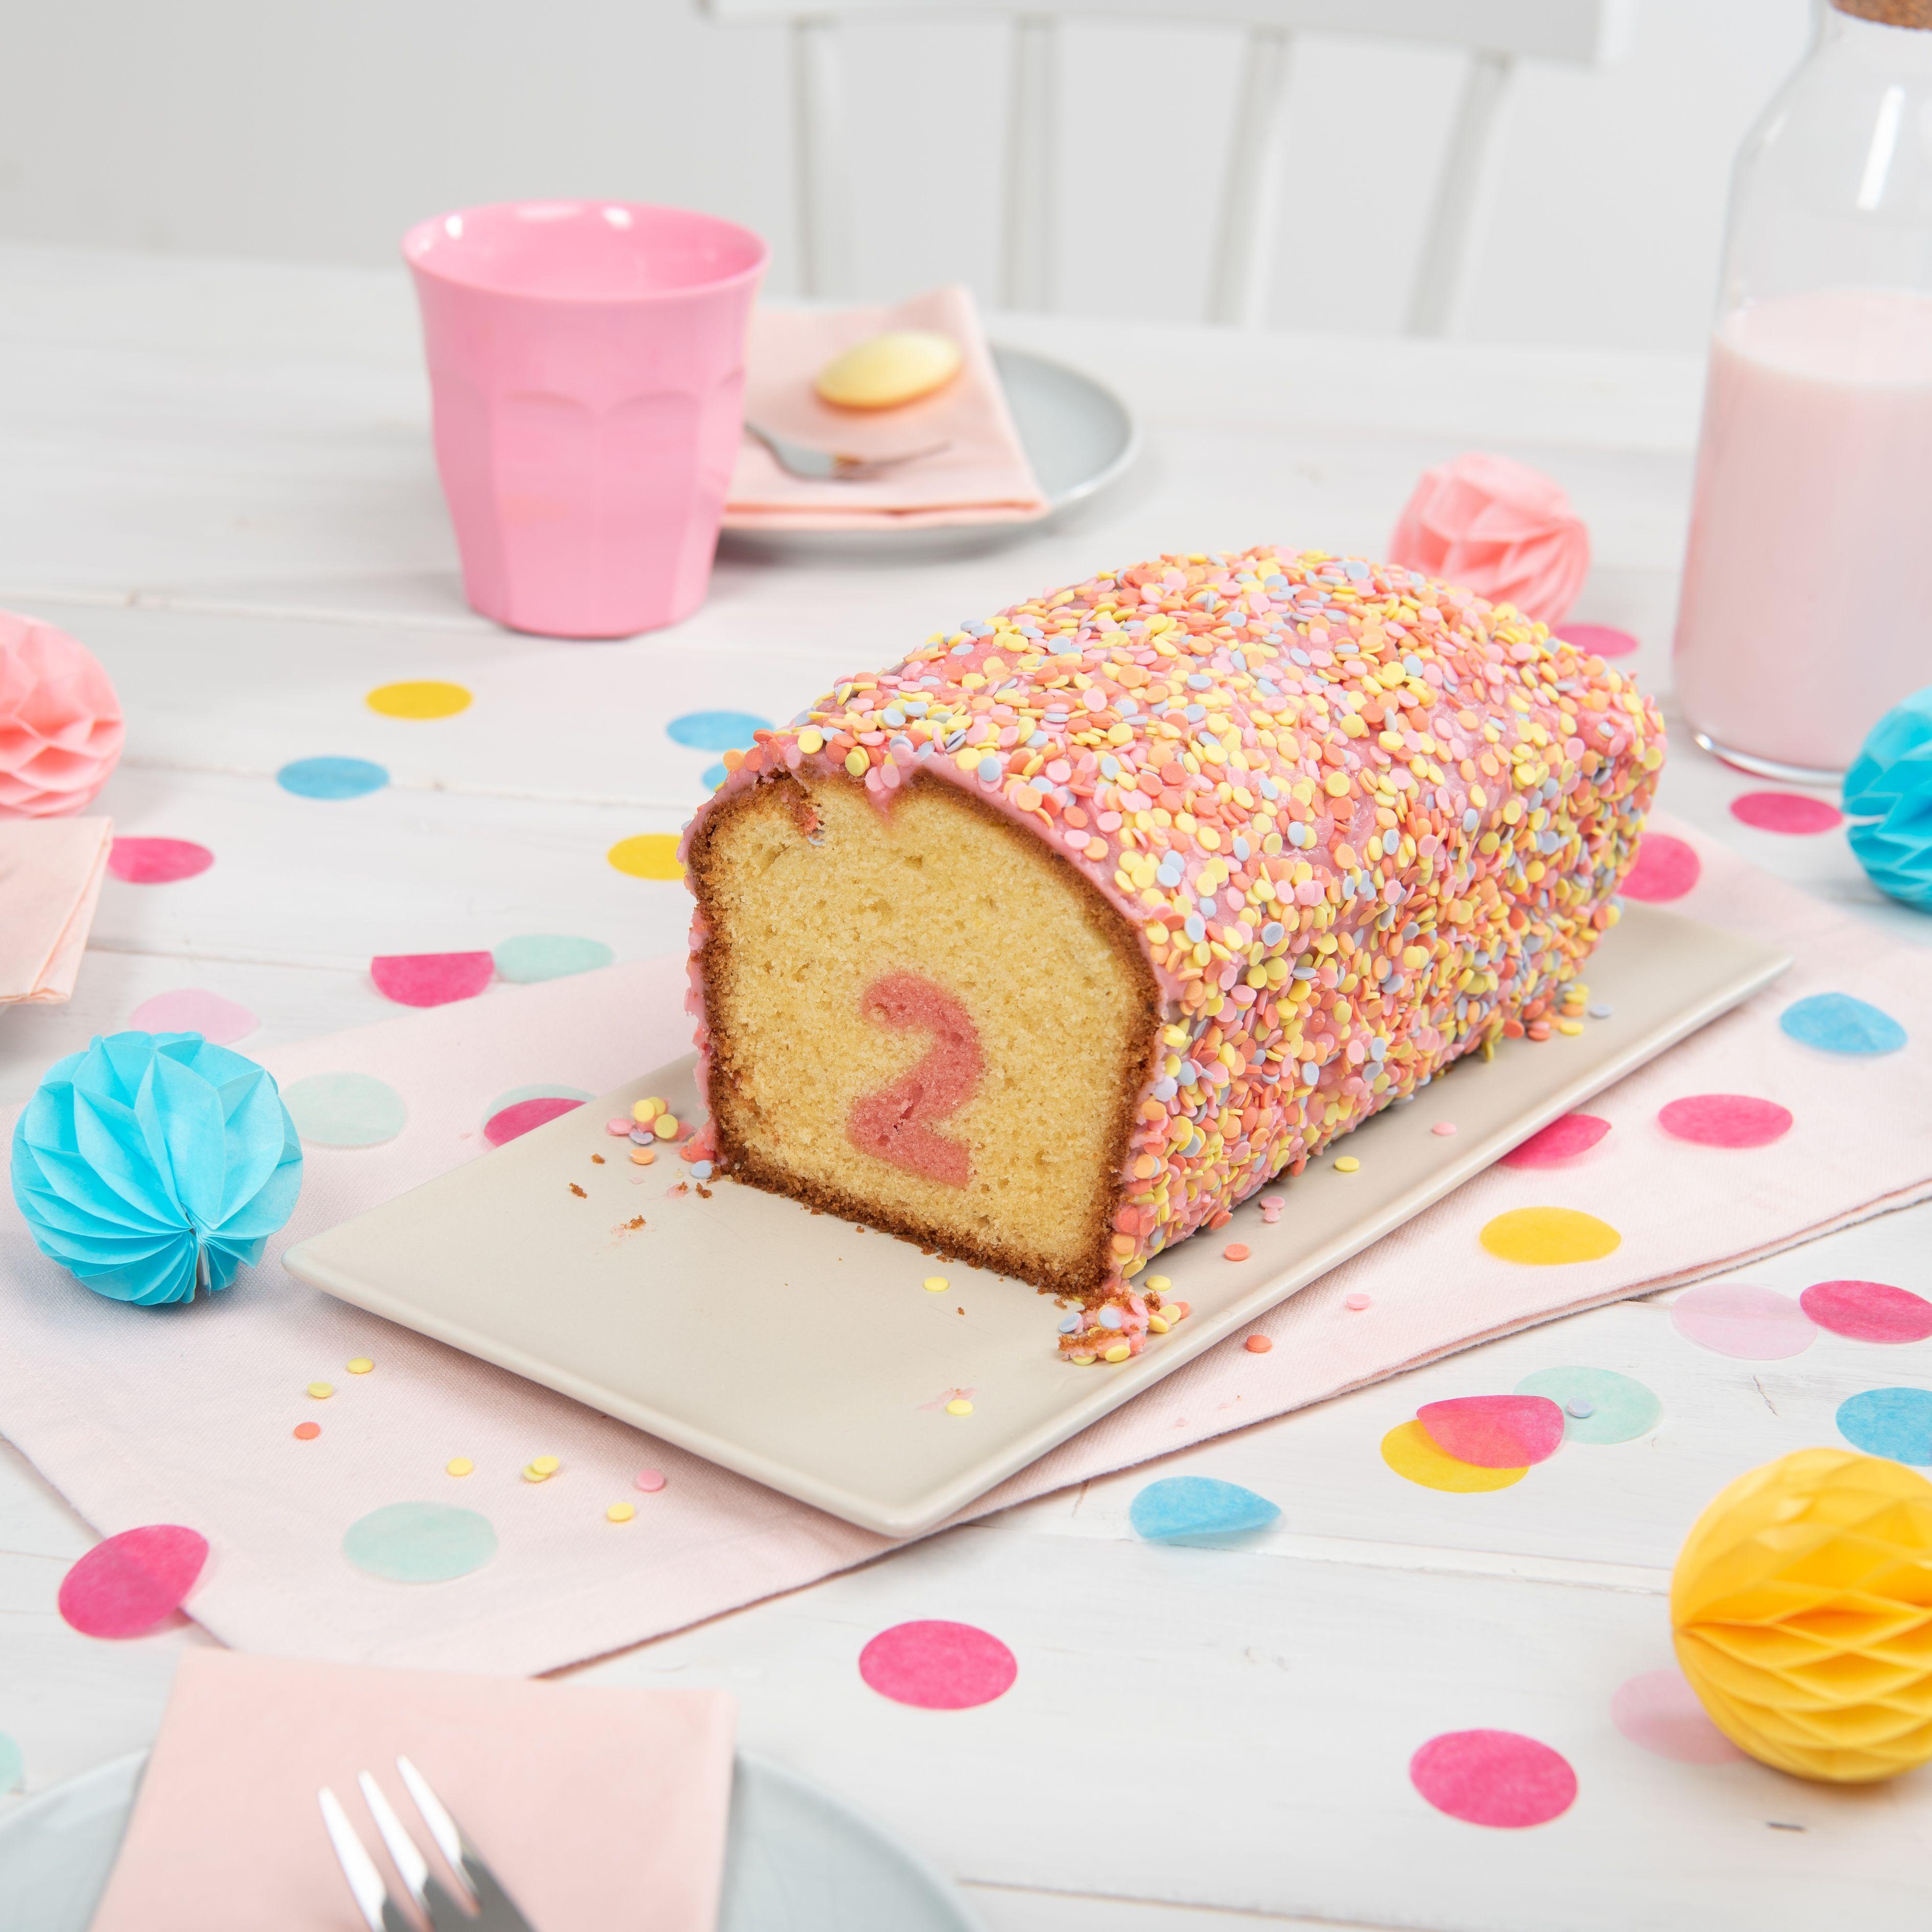 Uberraschungs Kuchen Mit Zahl Rezept Von Backen De Rezept Uberraschung Kuchen Kuchen Kindergeburtstag Kinder Kuchen Geburtstag